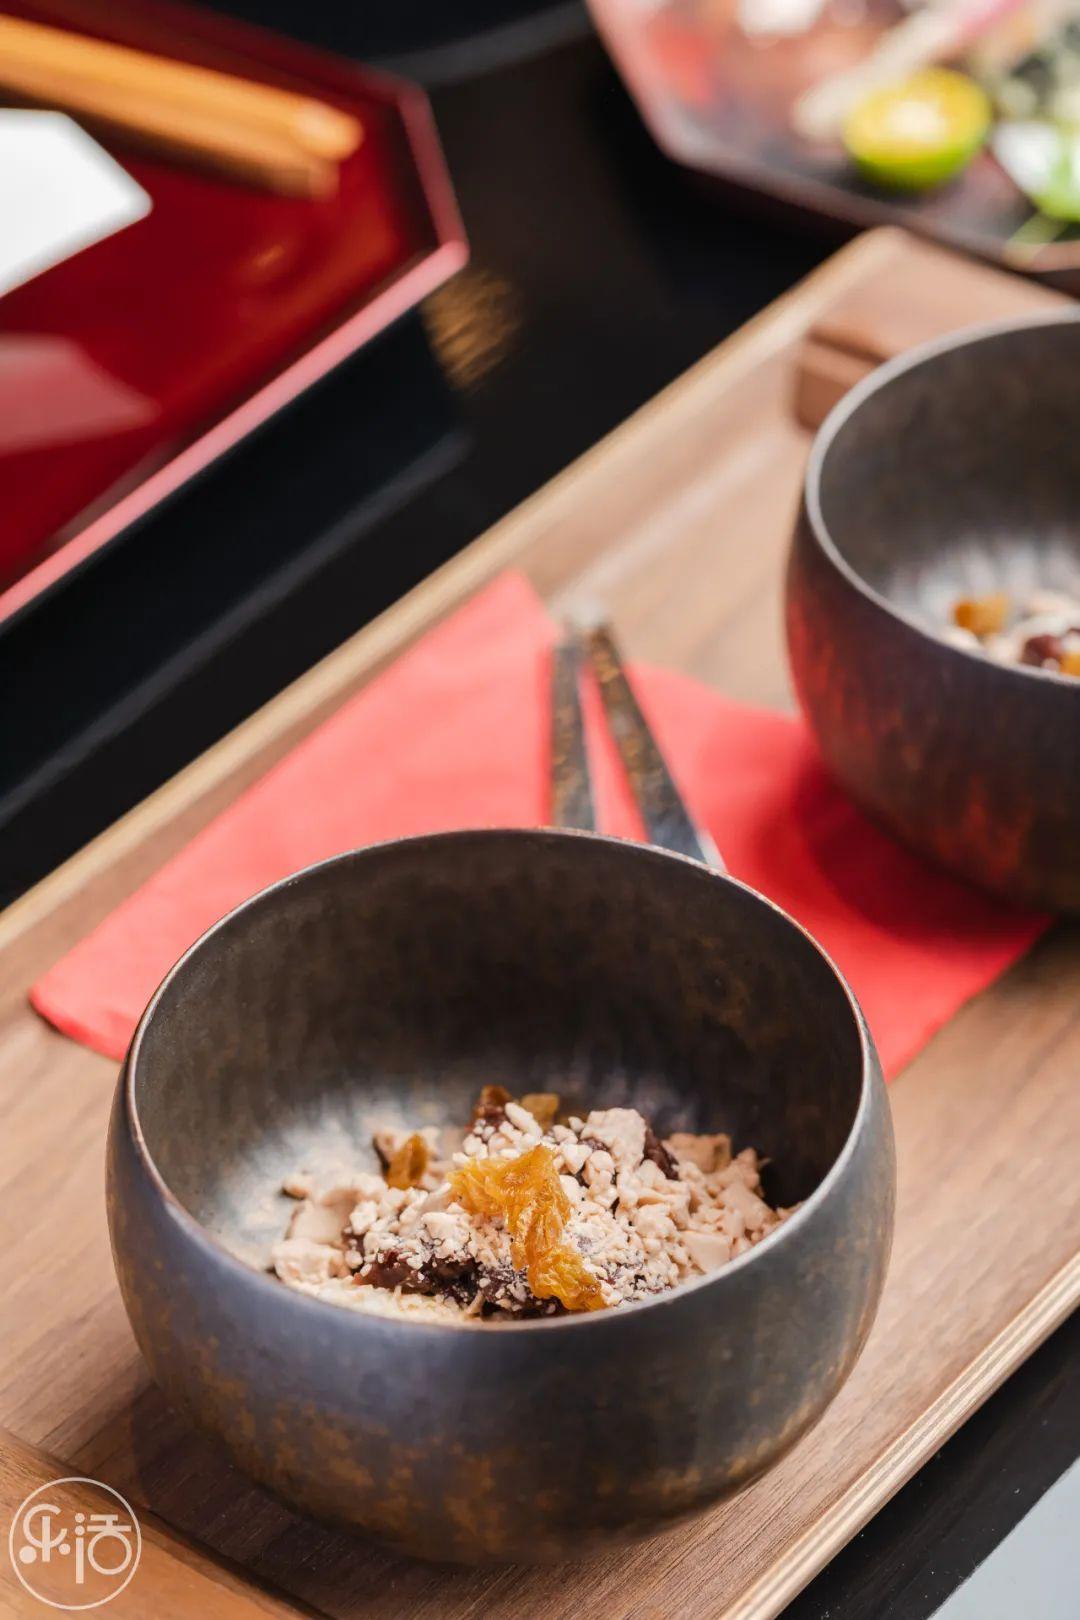 全杭州Zui大的会席料理店来袭!人均600元就能体验到的Top级日料,来自日本饮食文化的上等名流之选!(图54)